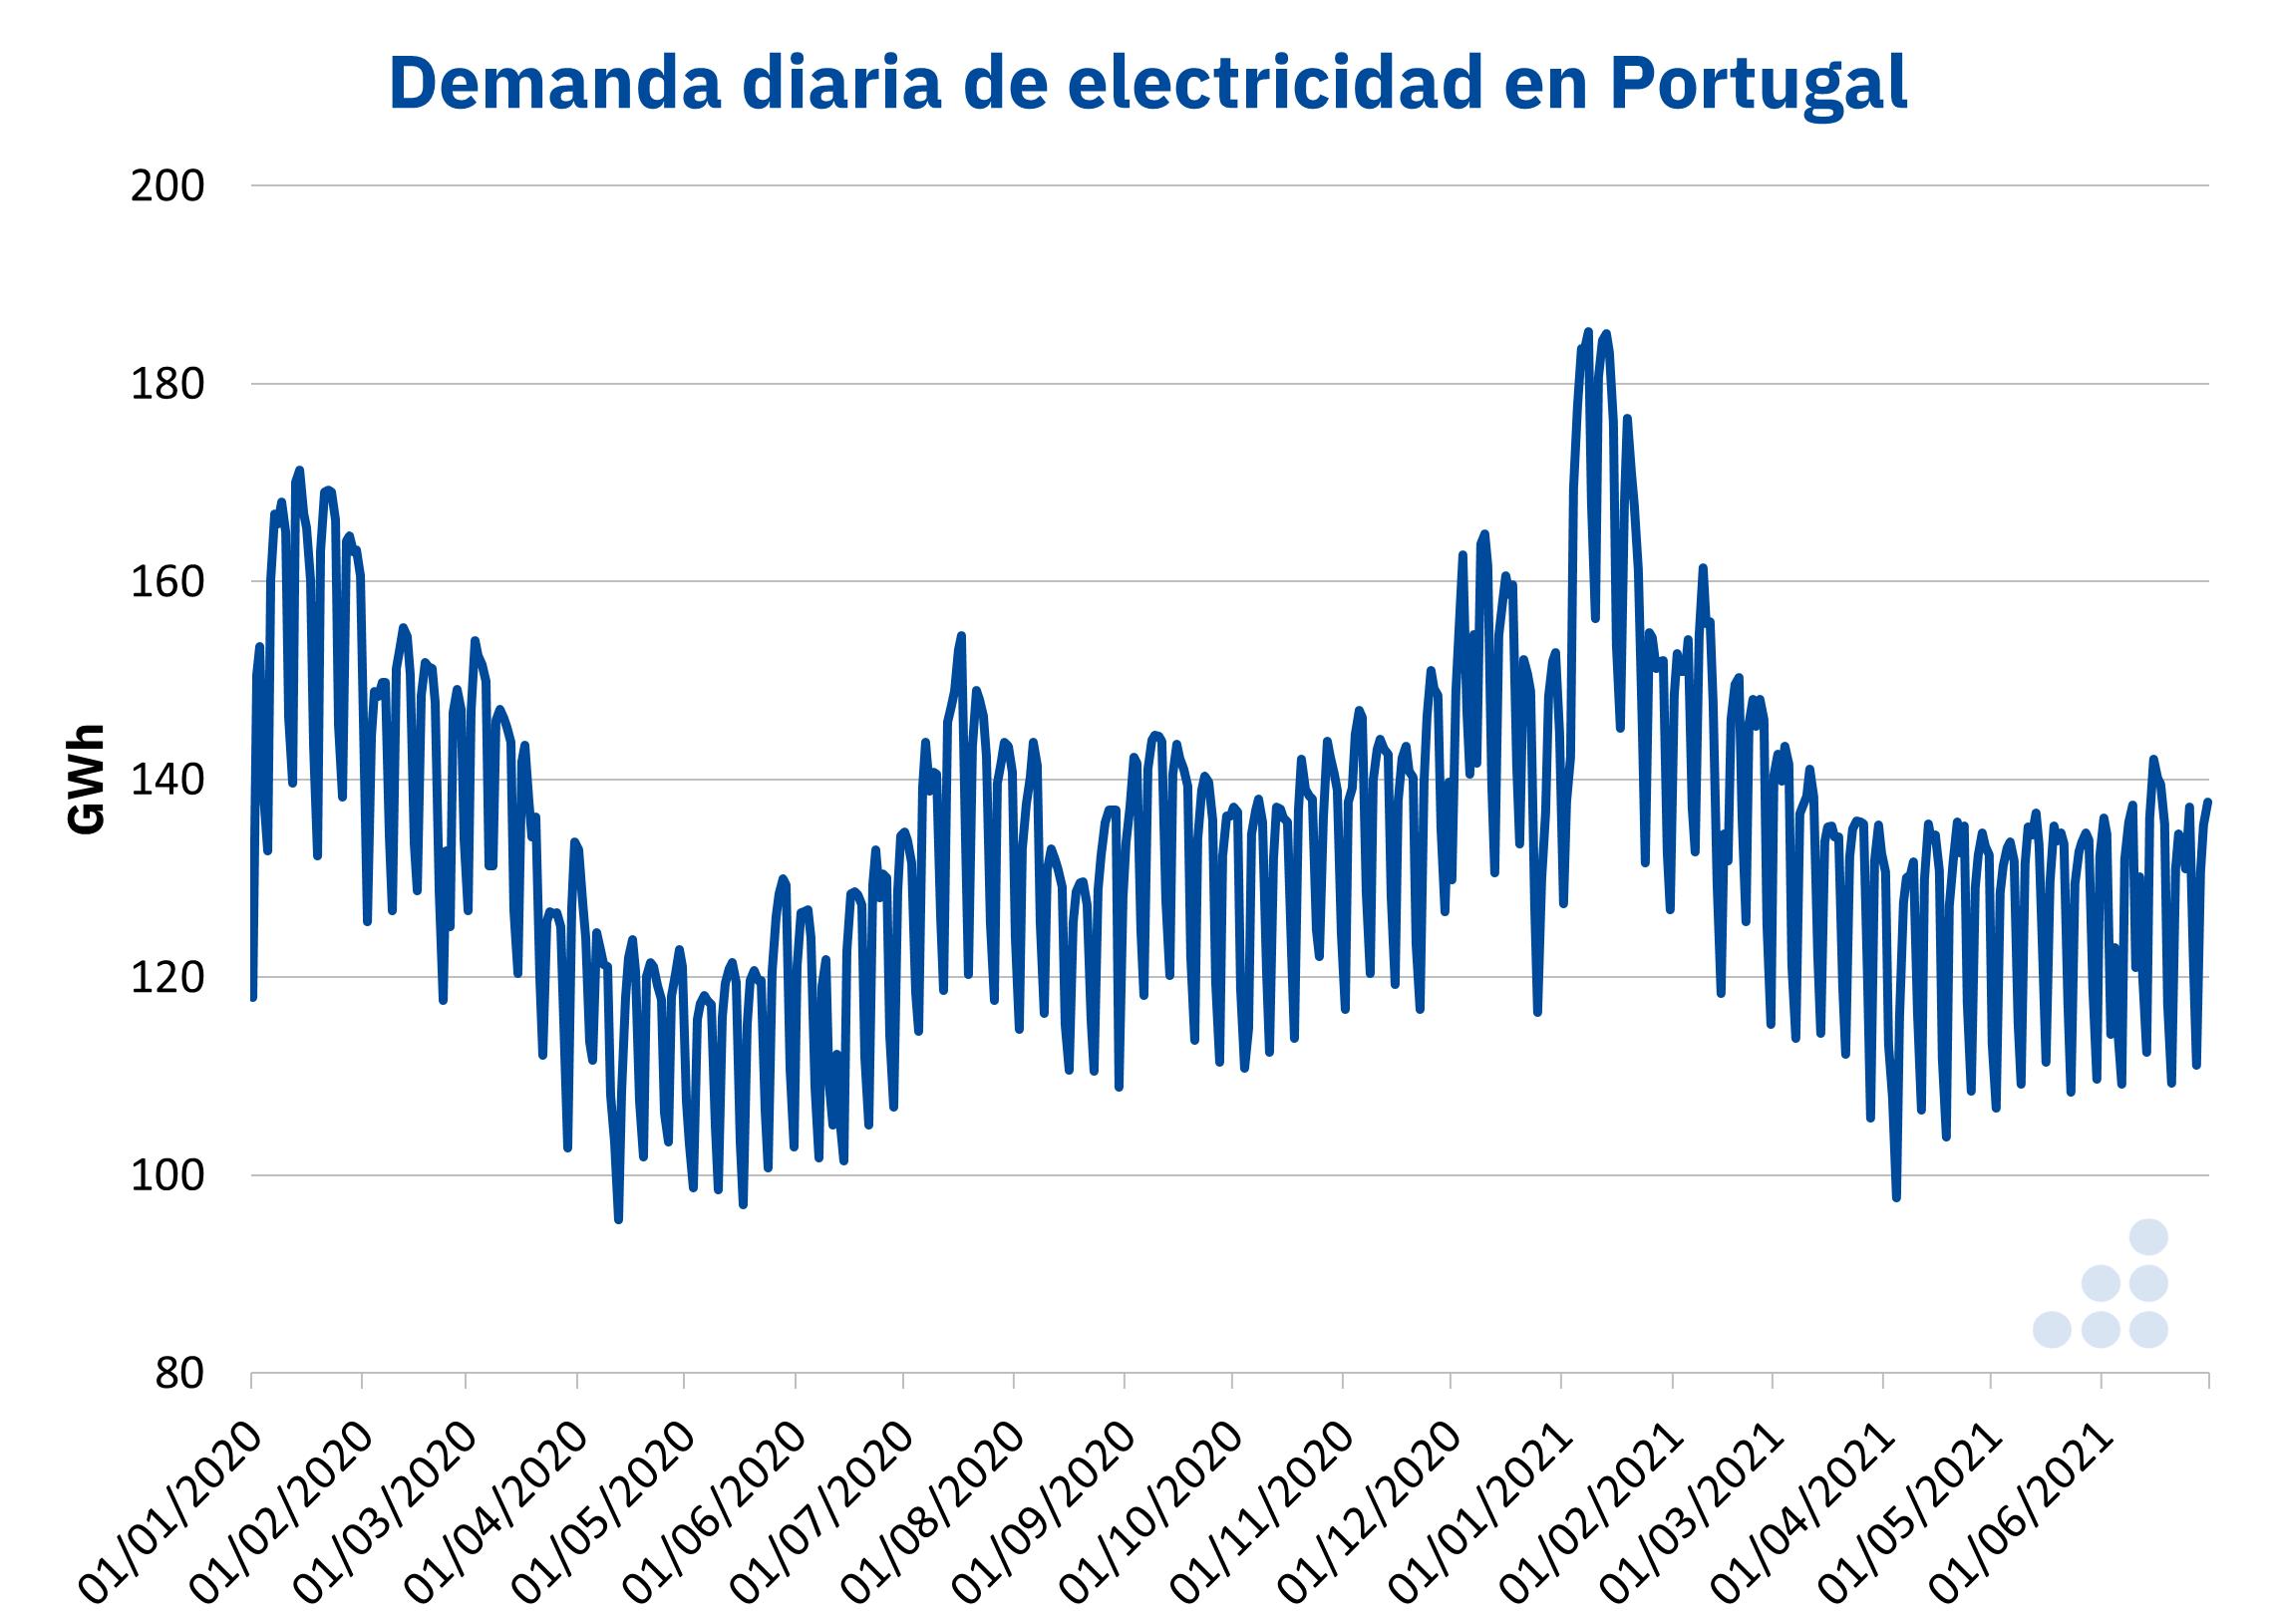 AleaSoft - Demanda electricidad Portugal